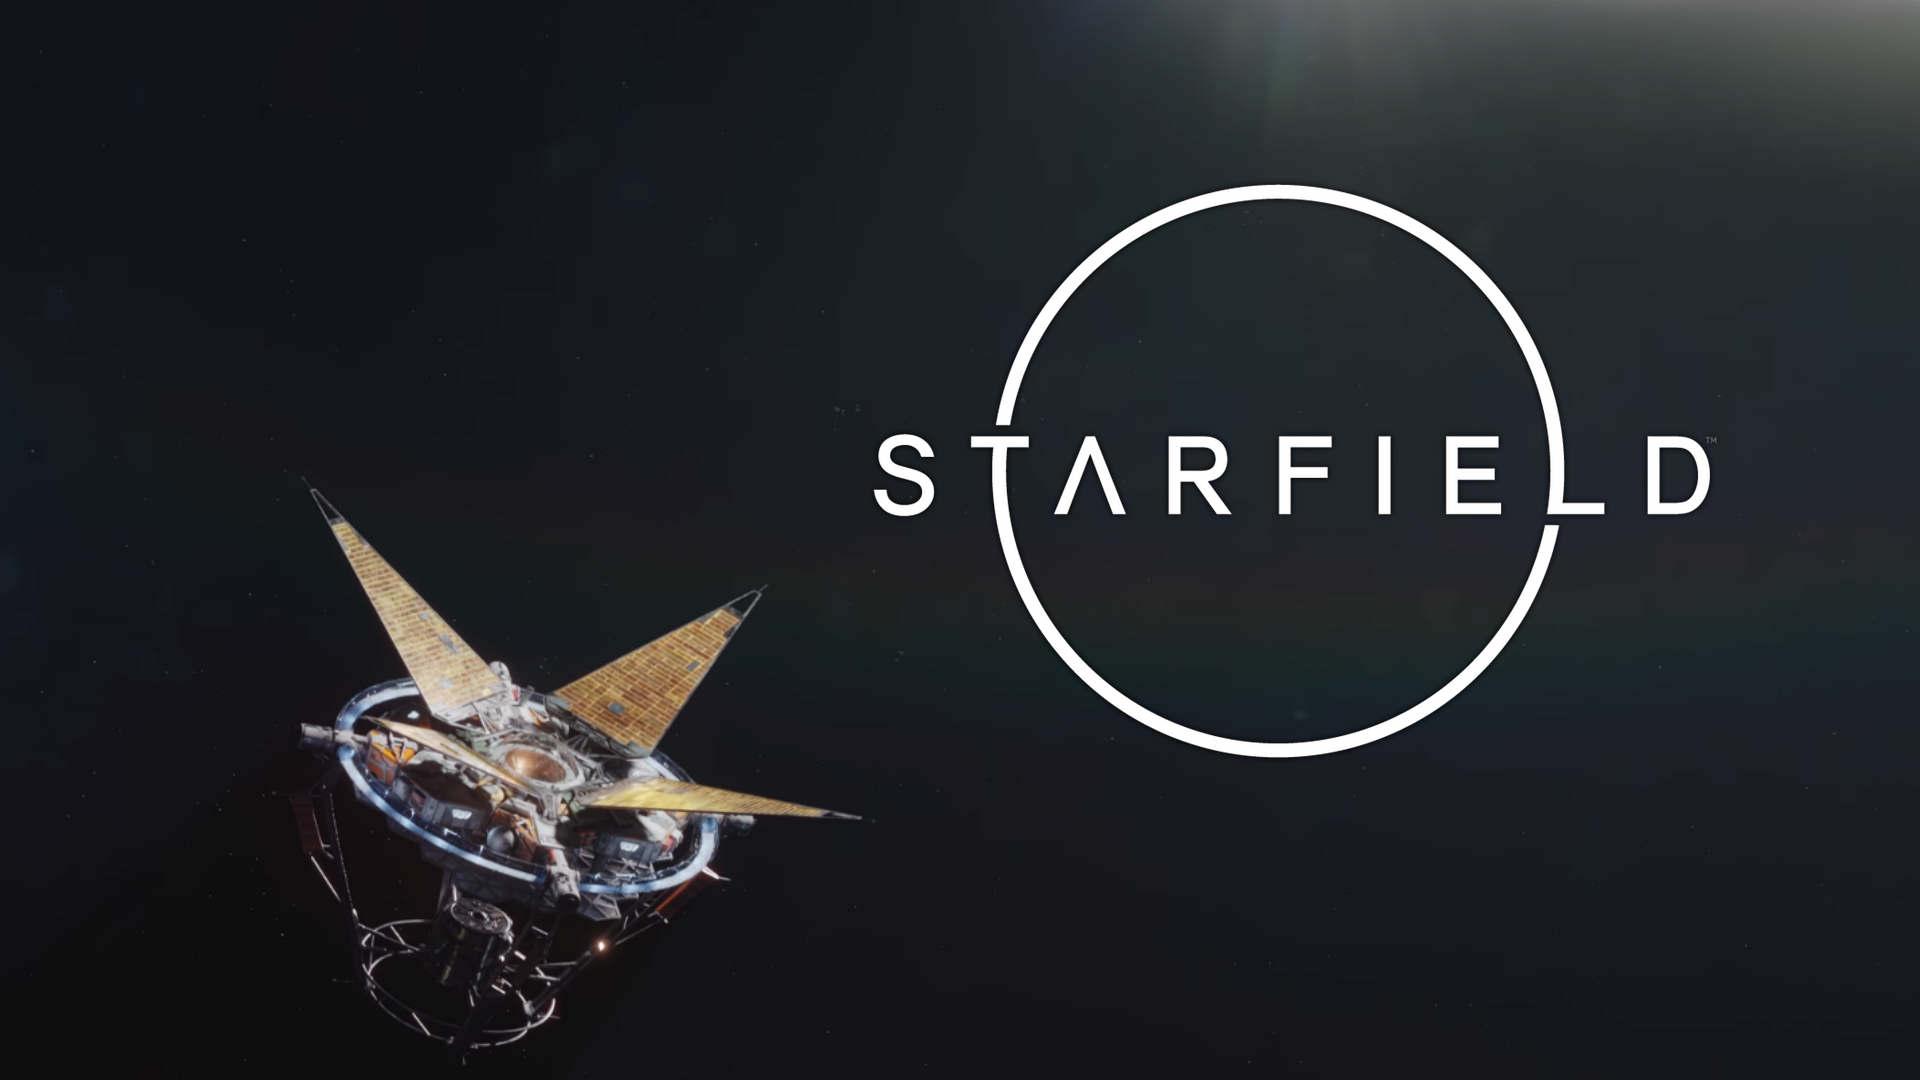 传闻:《星空》开发将近完成 微软尽力年内发售